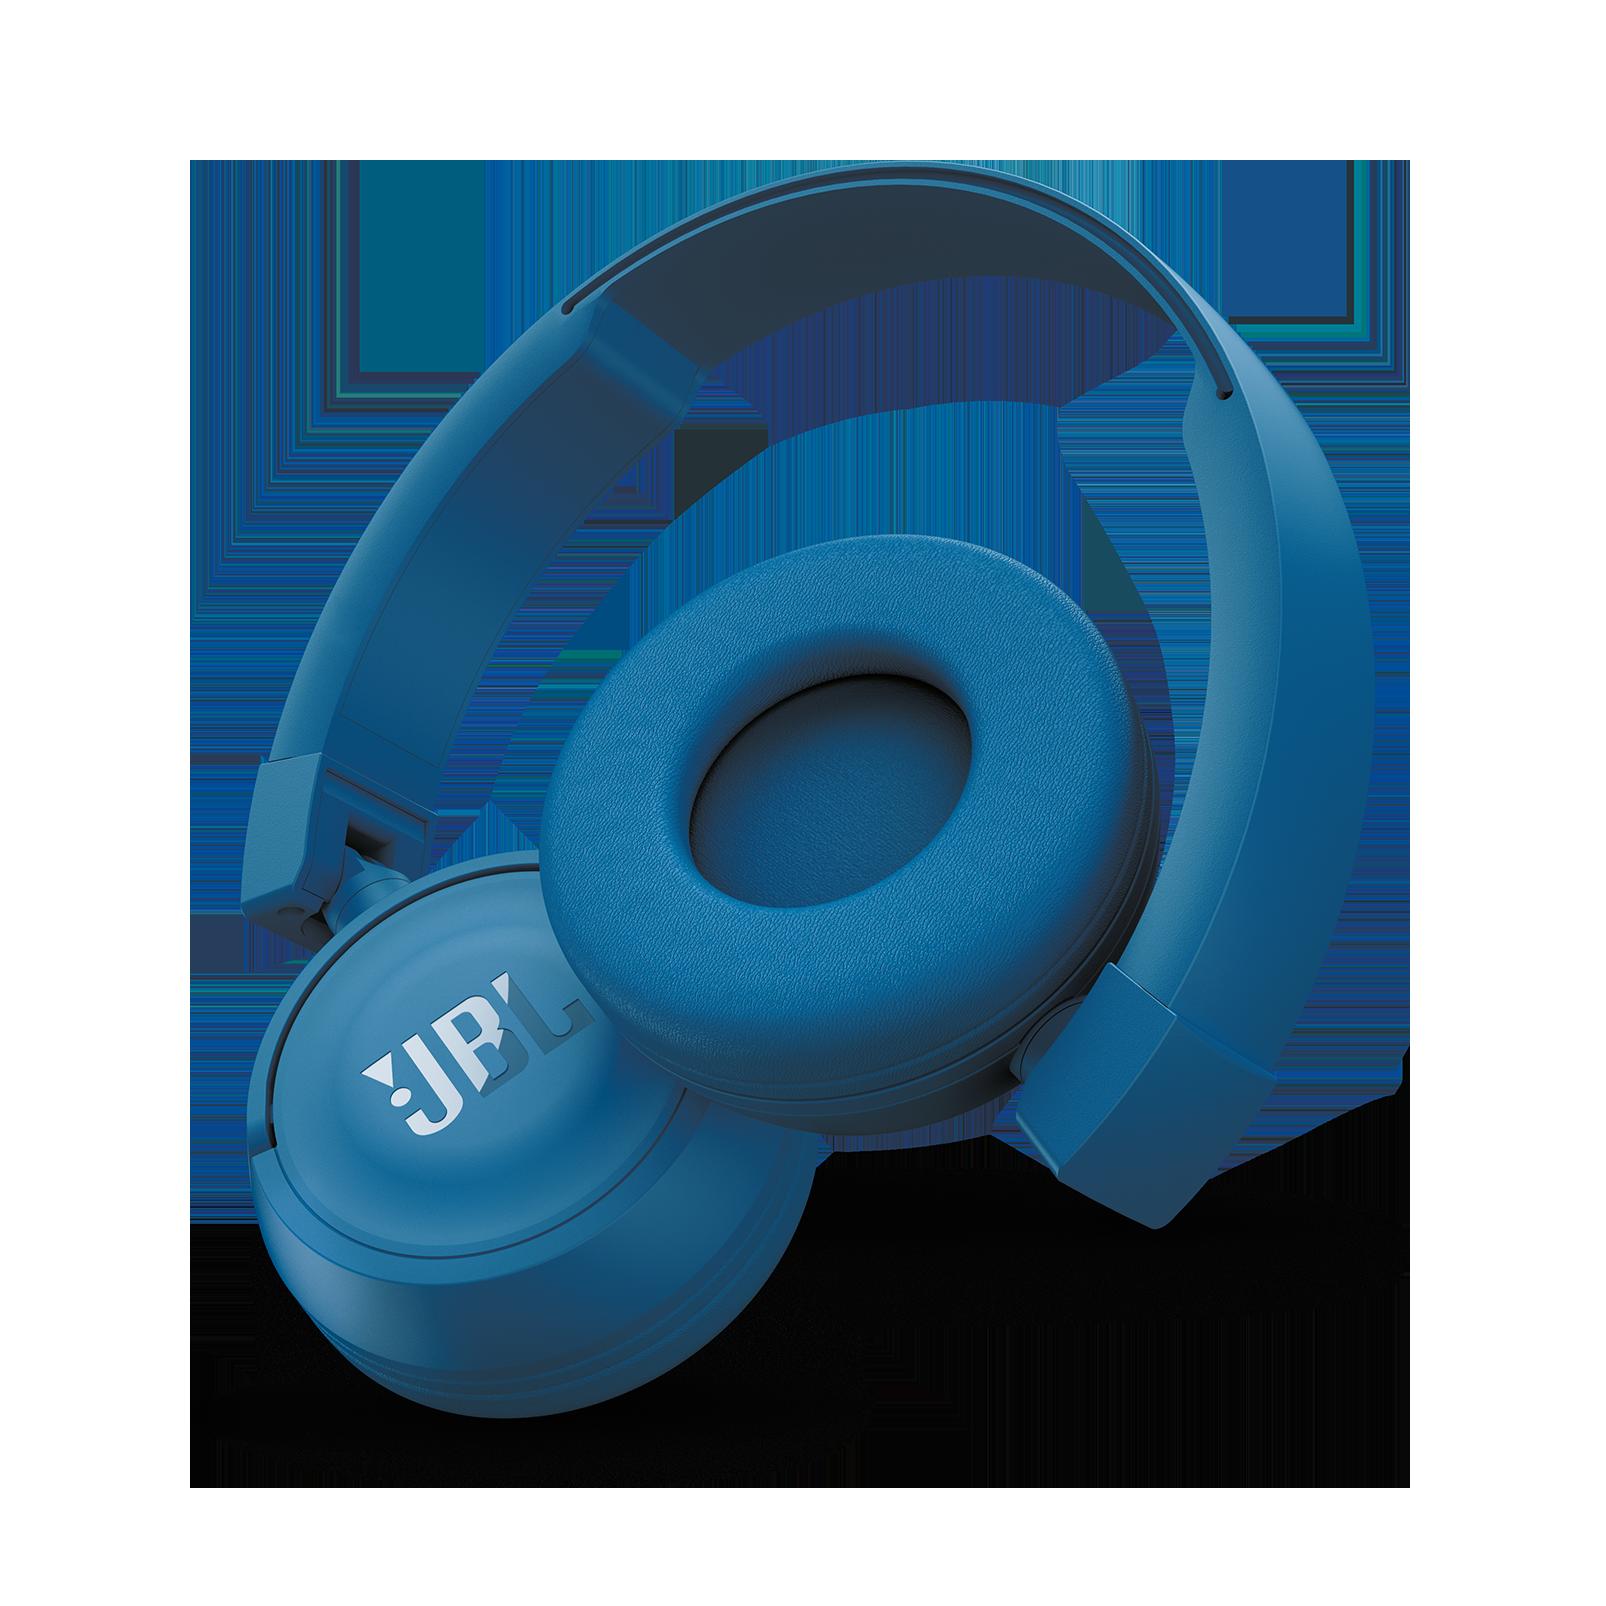 JBL T450BT - Blue - Wireless on-ear headphones - Detailshot 1